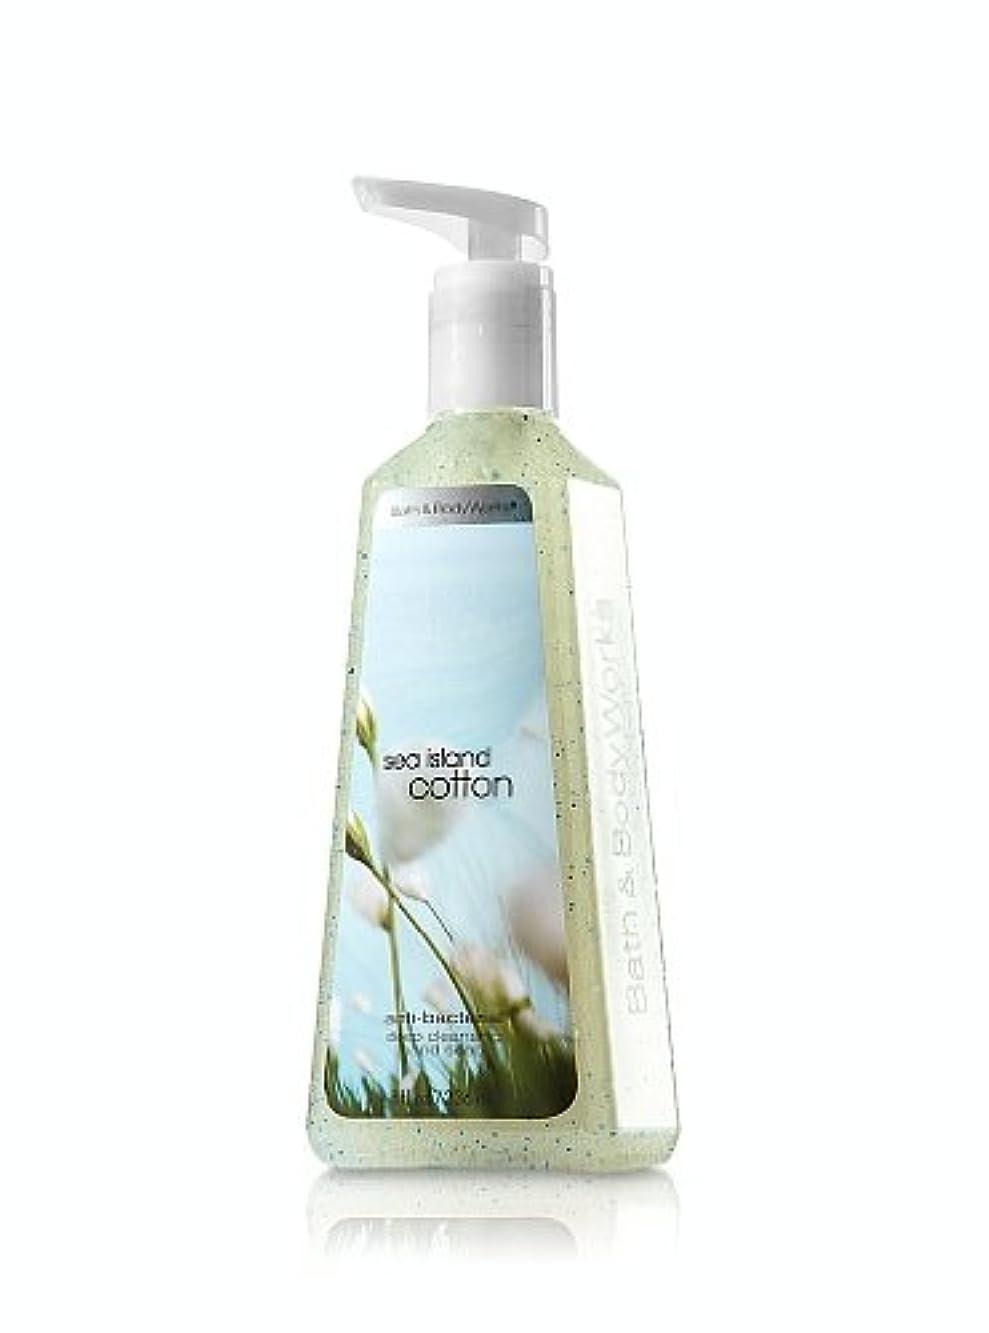 かもしれない発揮するの頭の上バス&ボディワークス シーアイランドコットン ディープクレンジングハンドソープ Sea Island Cotton Deep Cleansing Hand Soap [並行輸入品]